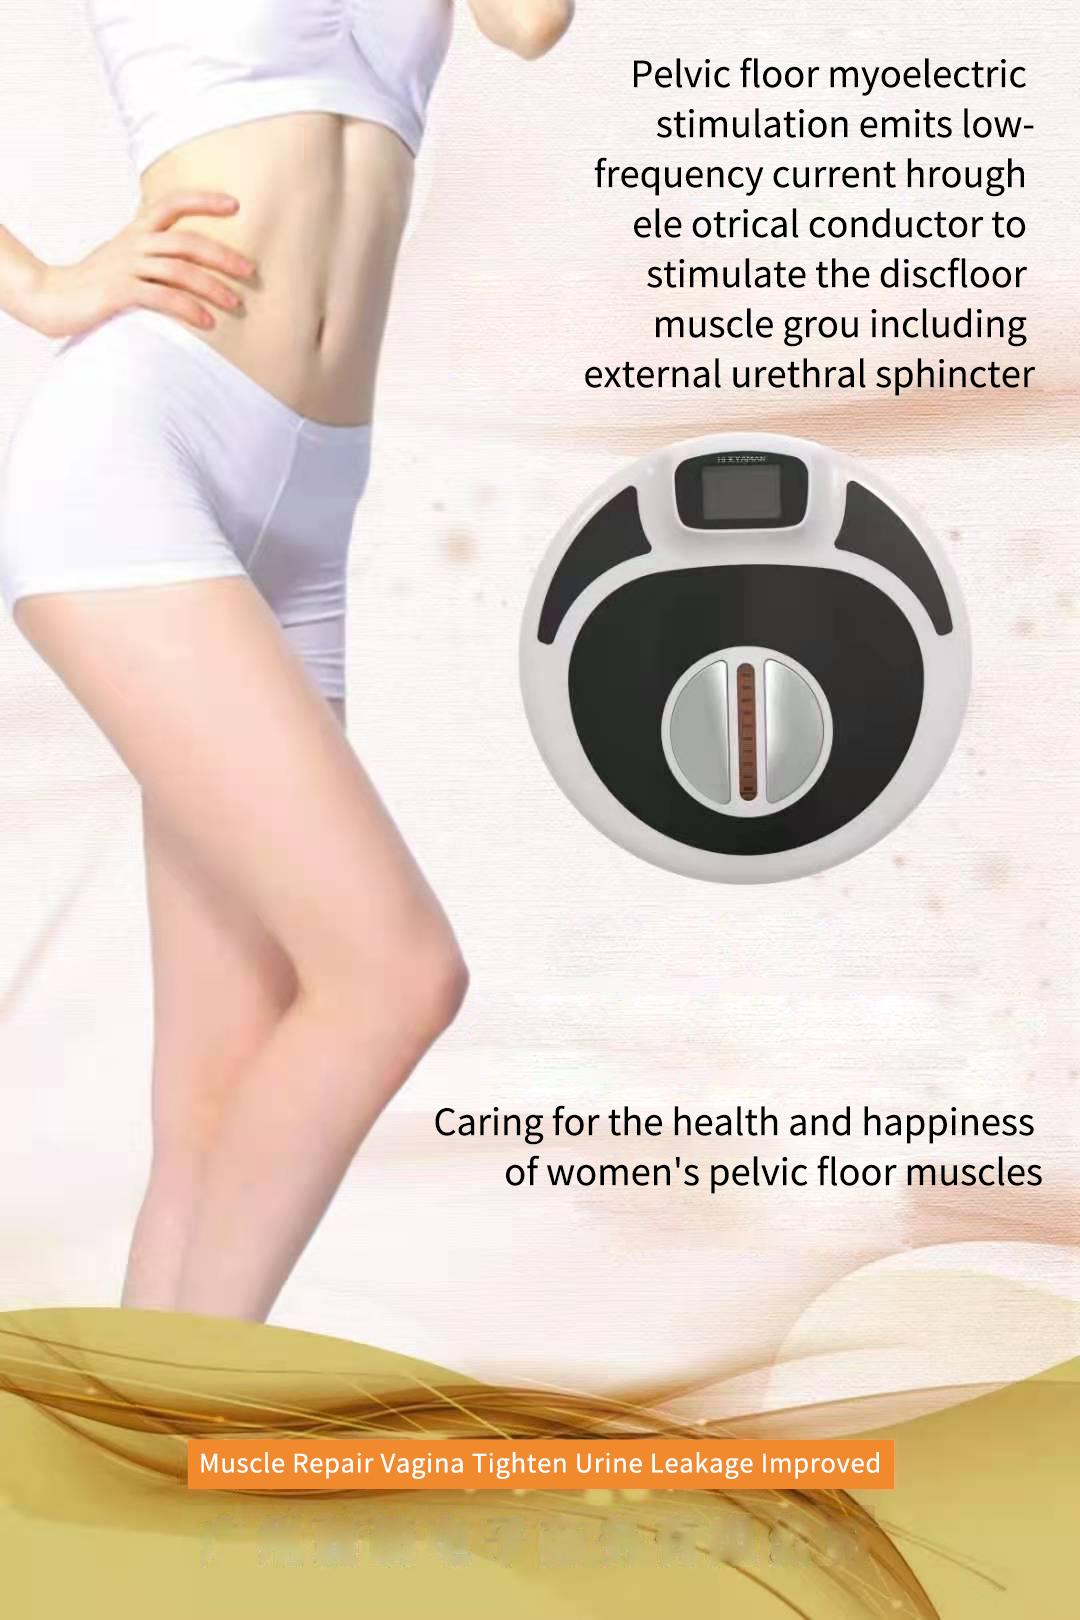 Pelvic Floor Exerciser Pelvic Floor Muscle Repair Vaginal Tightening Rejuvenation Massage Machine